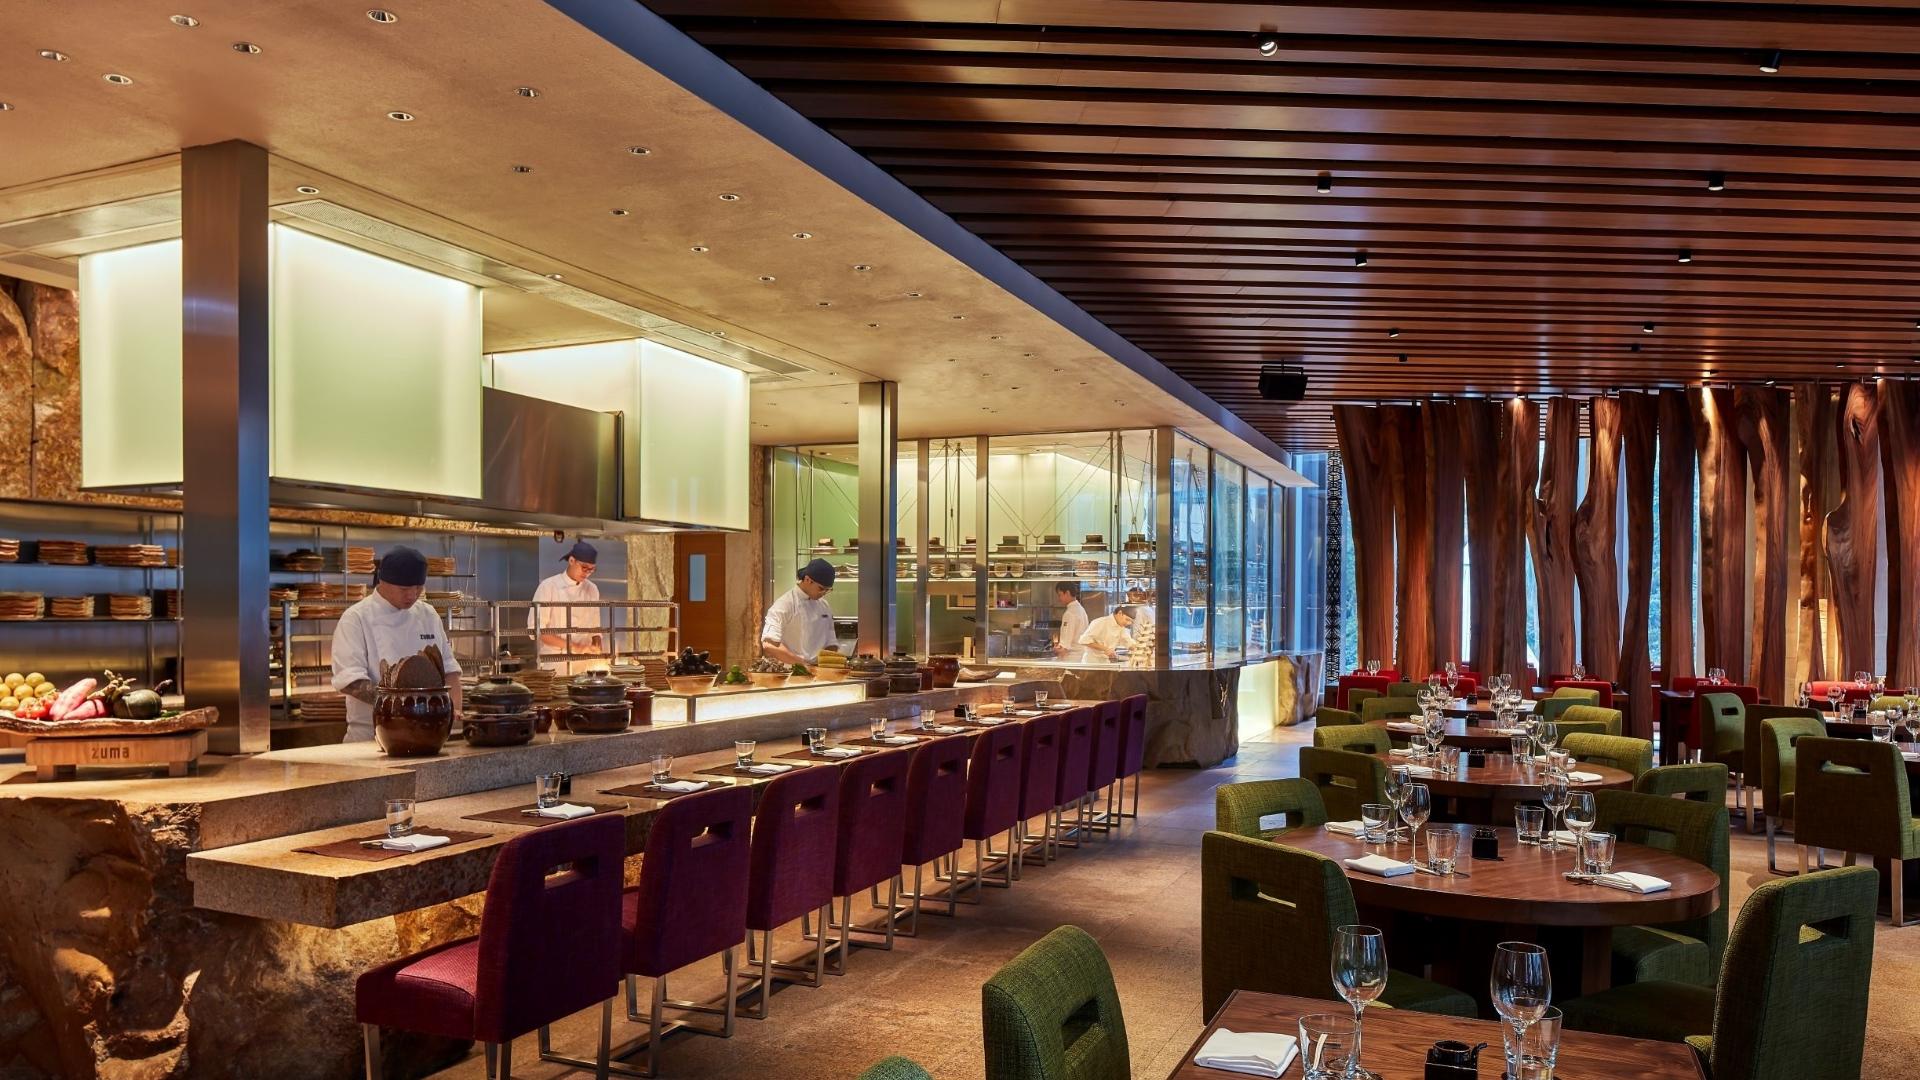 ZUMA Hong Kong interior - featured image